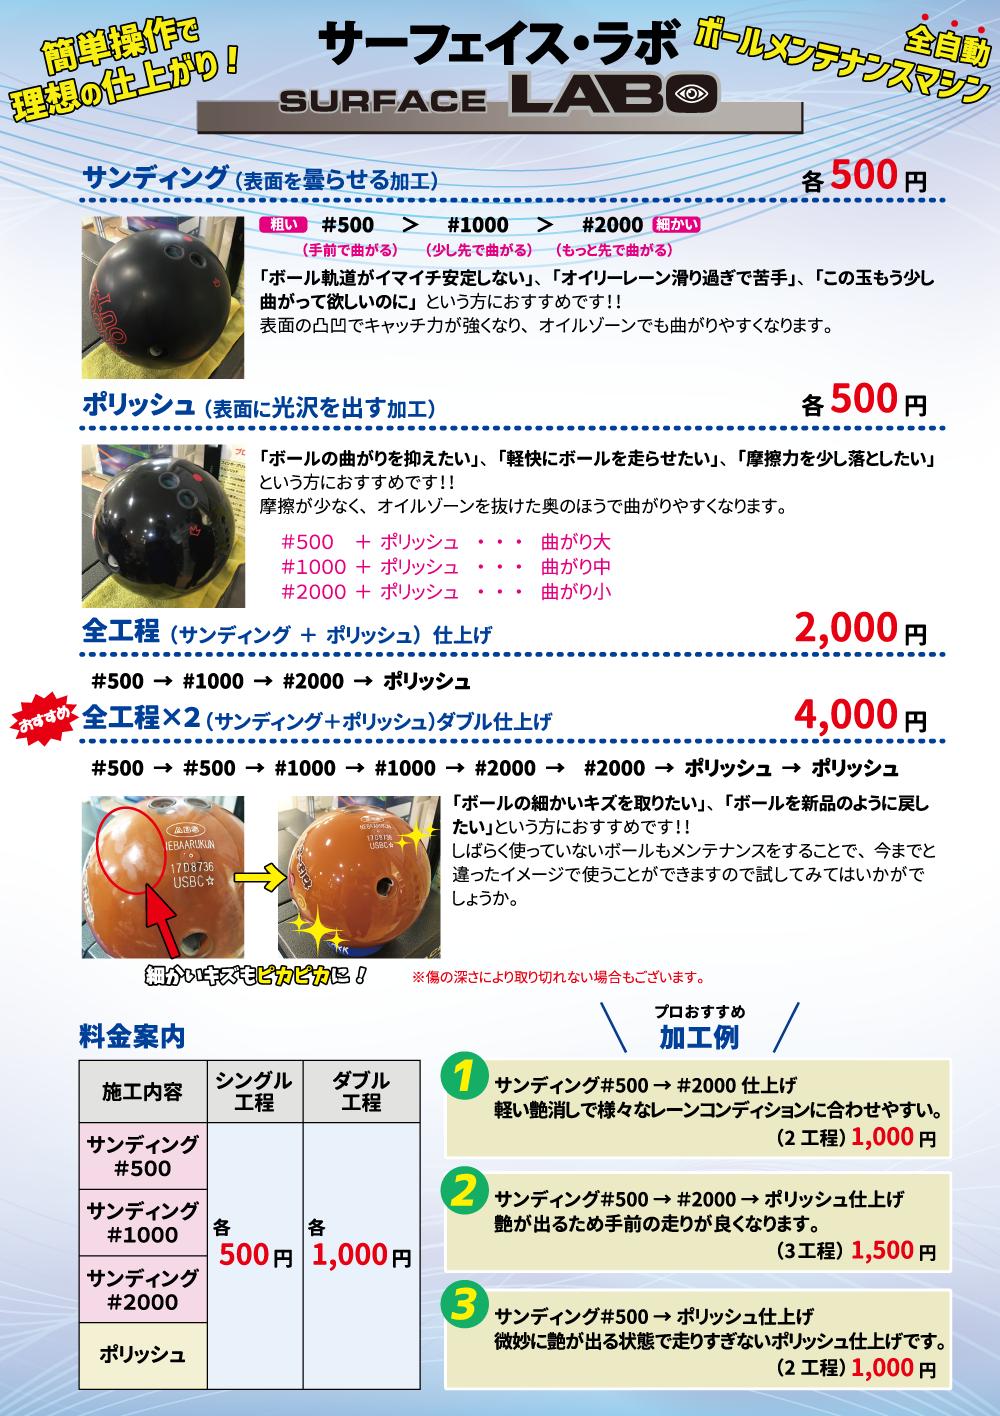 サーフェイスラボ_料金表_ヨコ_ol.png